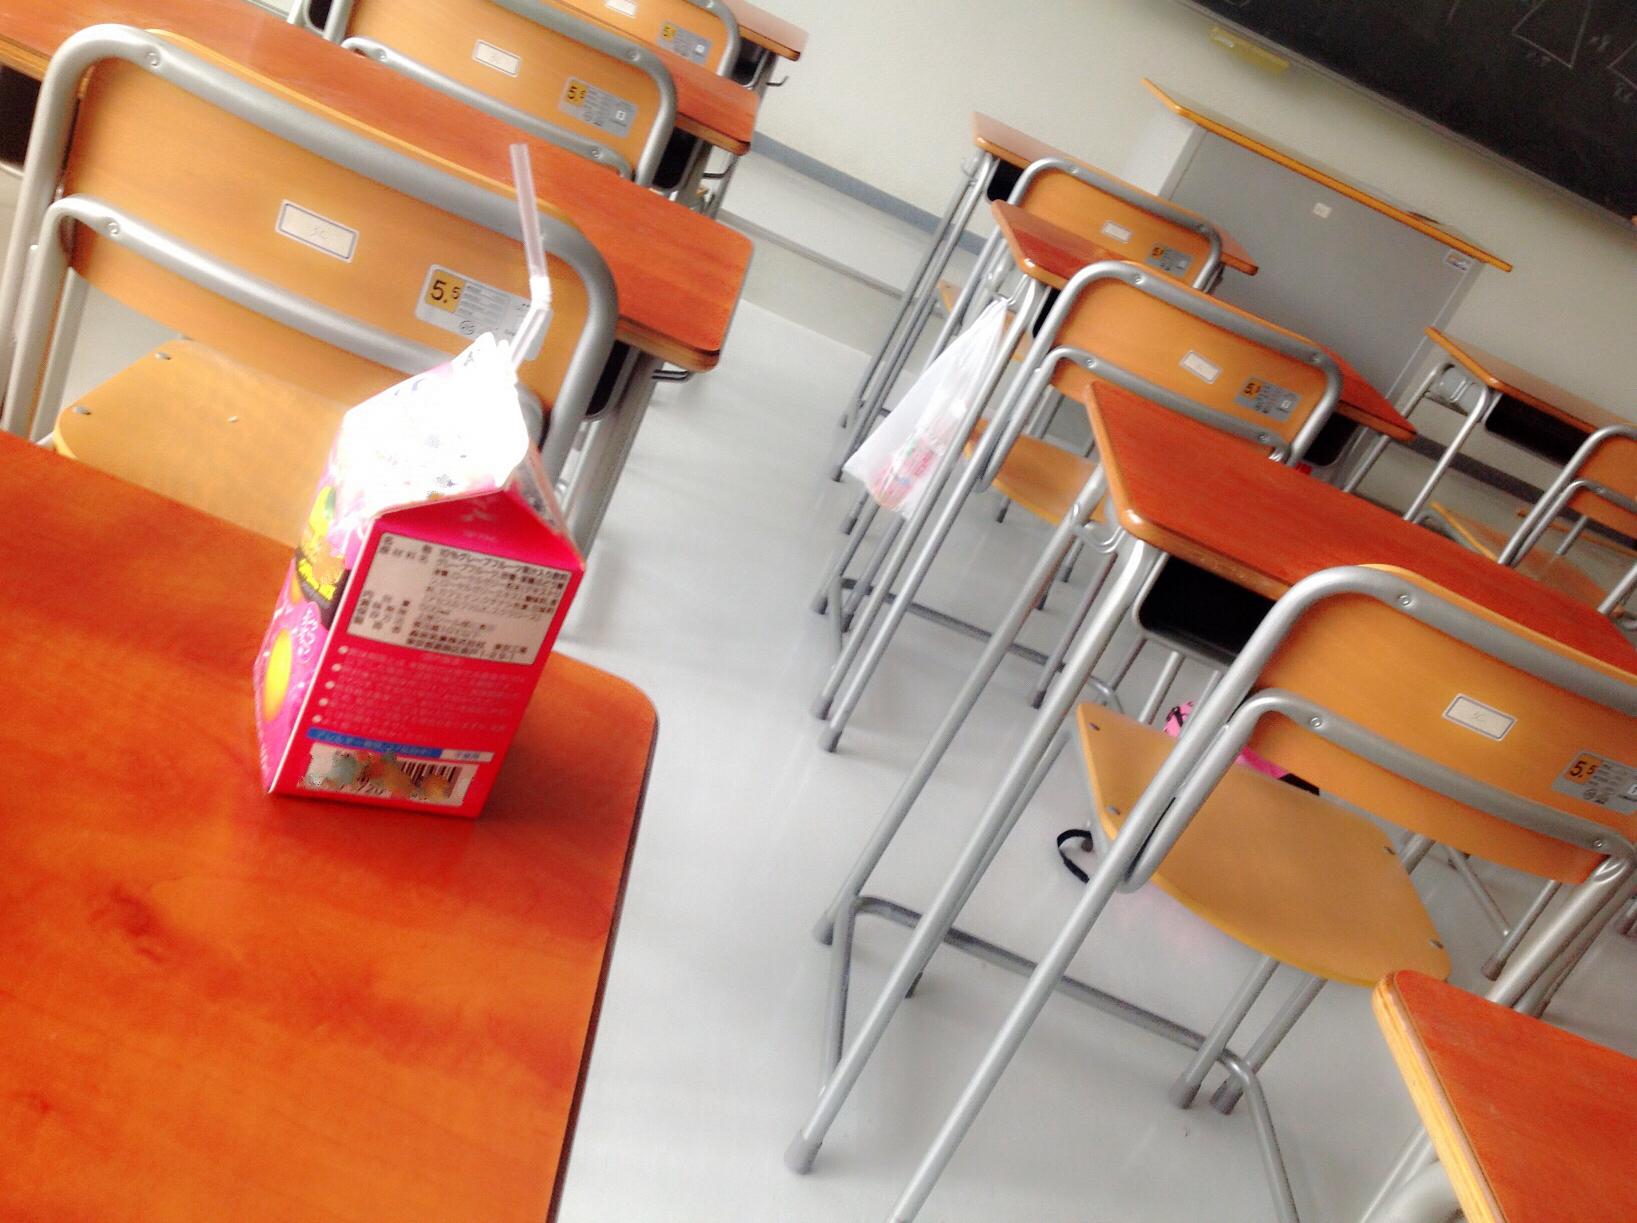 席替え時に教卓前になるのは本当に嫌なこと?メリットを考えれば教卓前も快適に